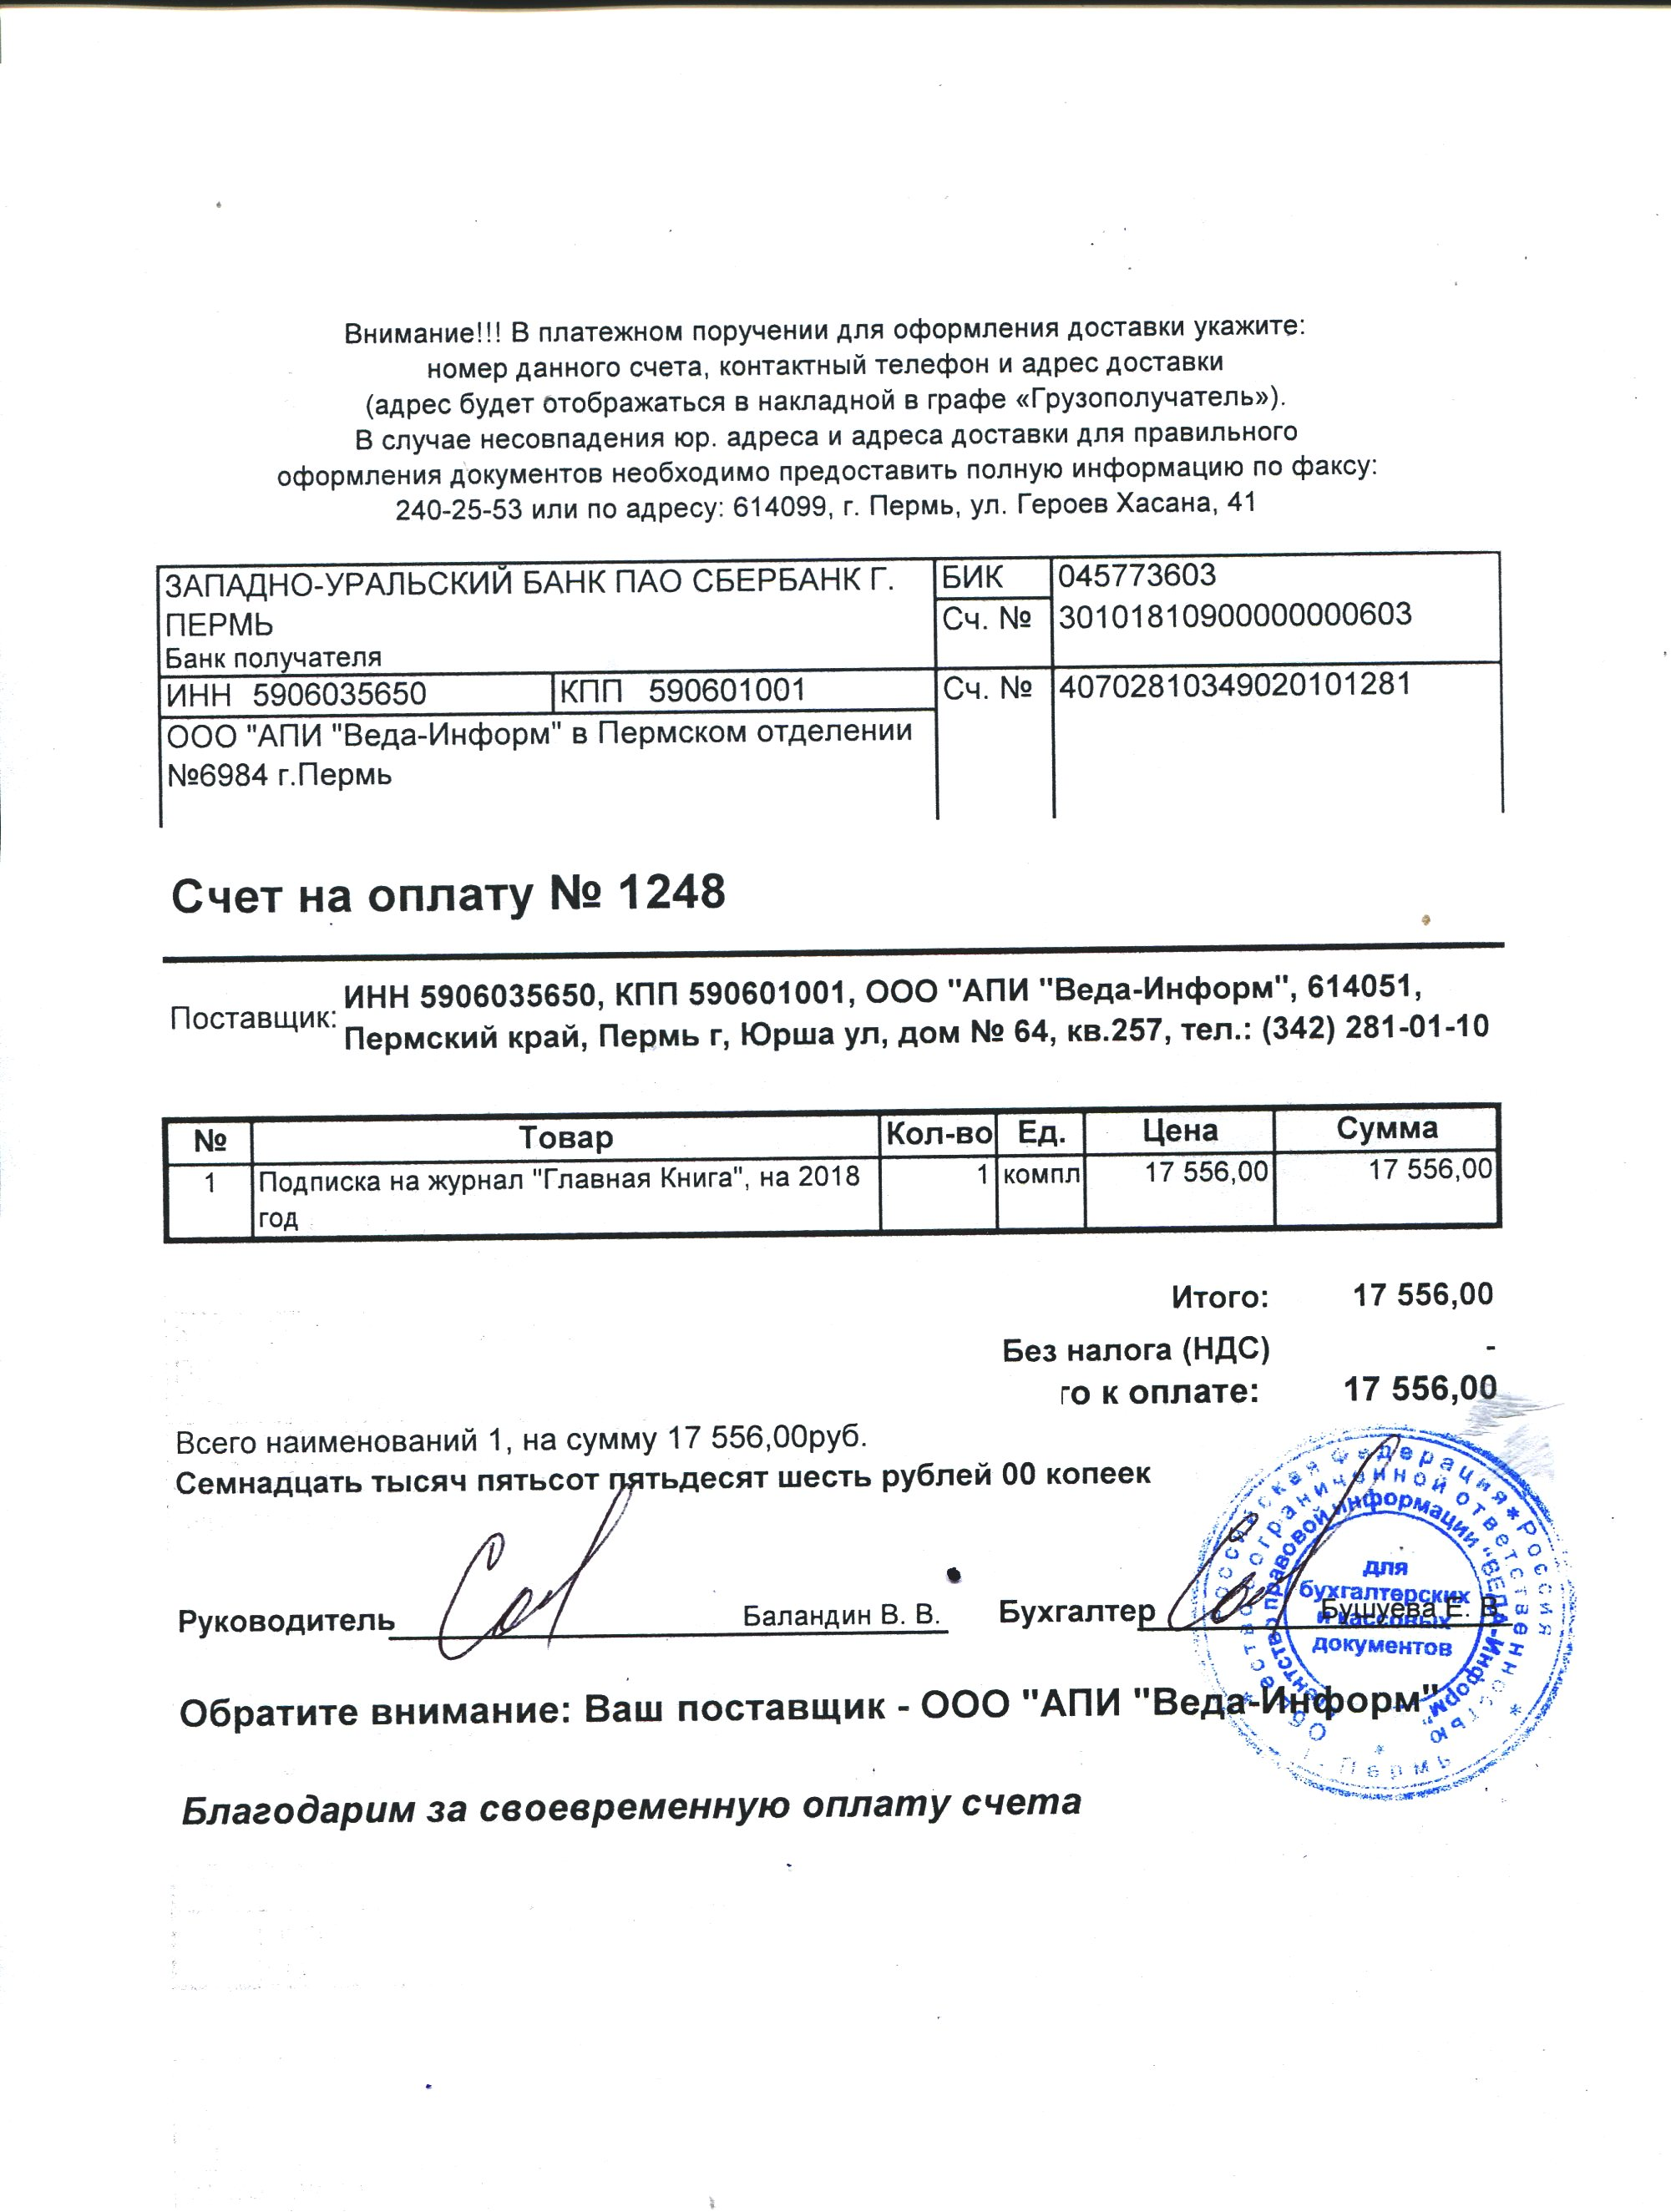 Бухгалтерский учет в рб учебник 2018г скачать